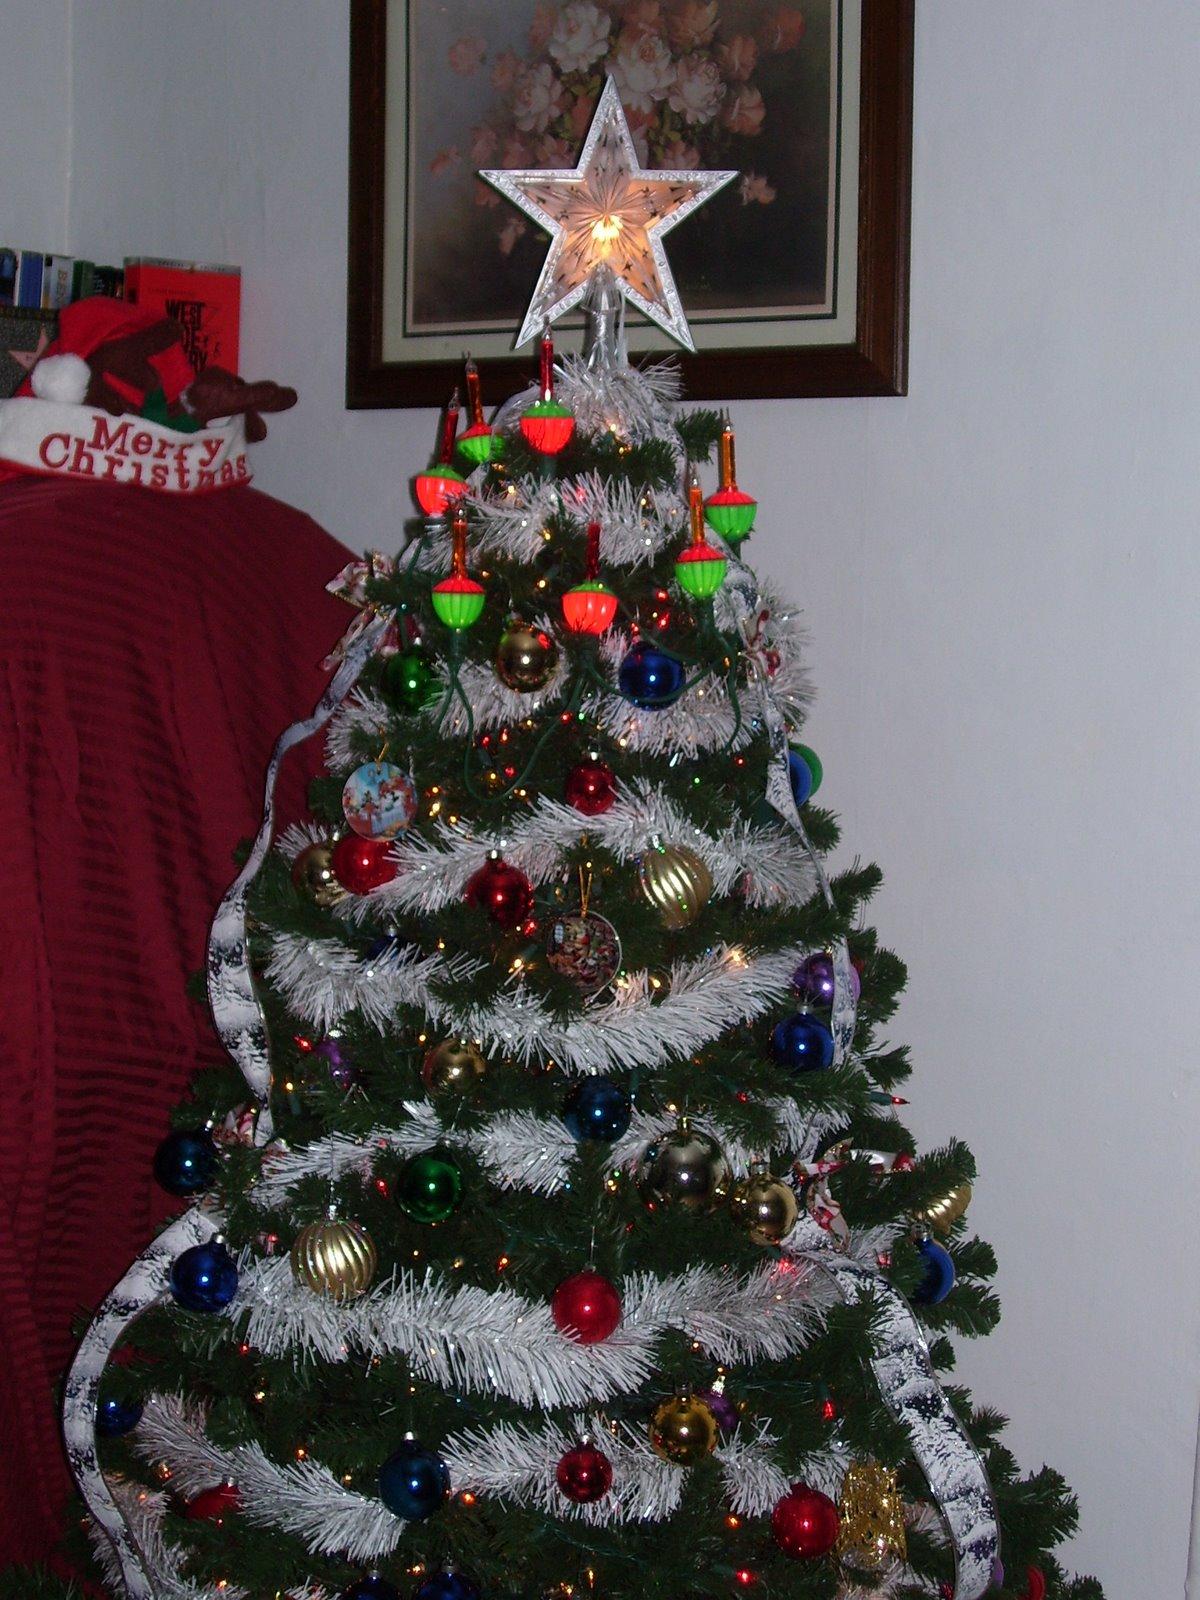 [Xmas+Tree+2006.jpg]